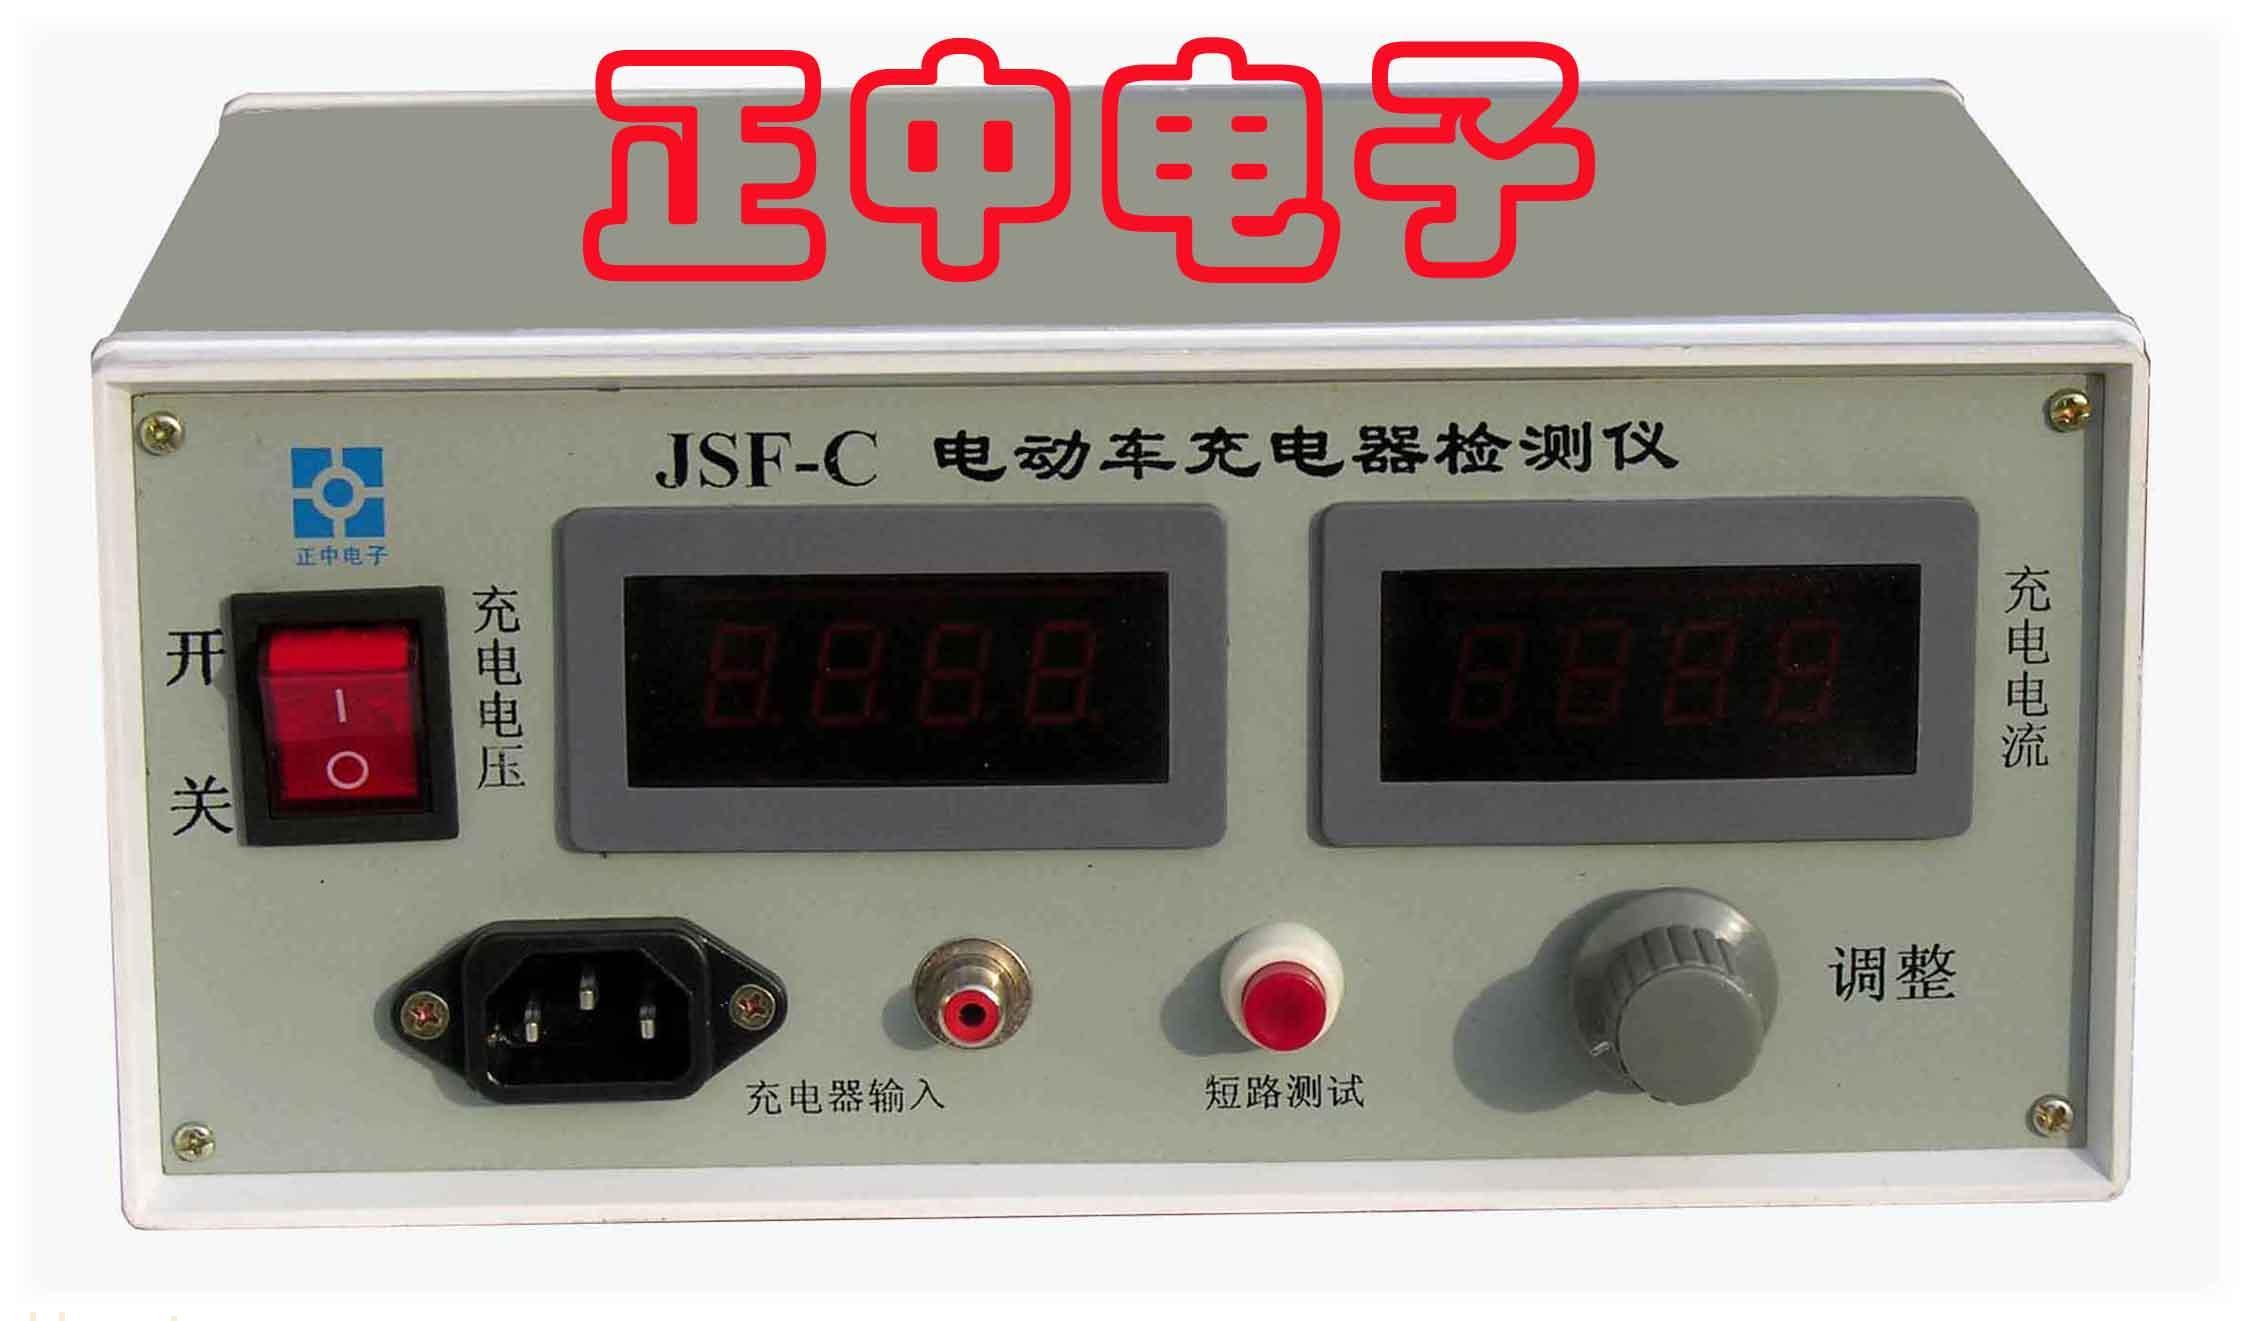 1、适用于24V、36V、48V电动车充电器。 2、能对恒流、恒压、恒功率、三段式等各种类型的充电器的变量参数检测。 3、仪器最大承受功率400W,V-80V,I-5A 4、电压误差0.2V,电流误差5%。 5、极性自动转换。